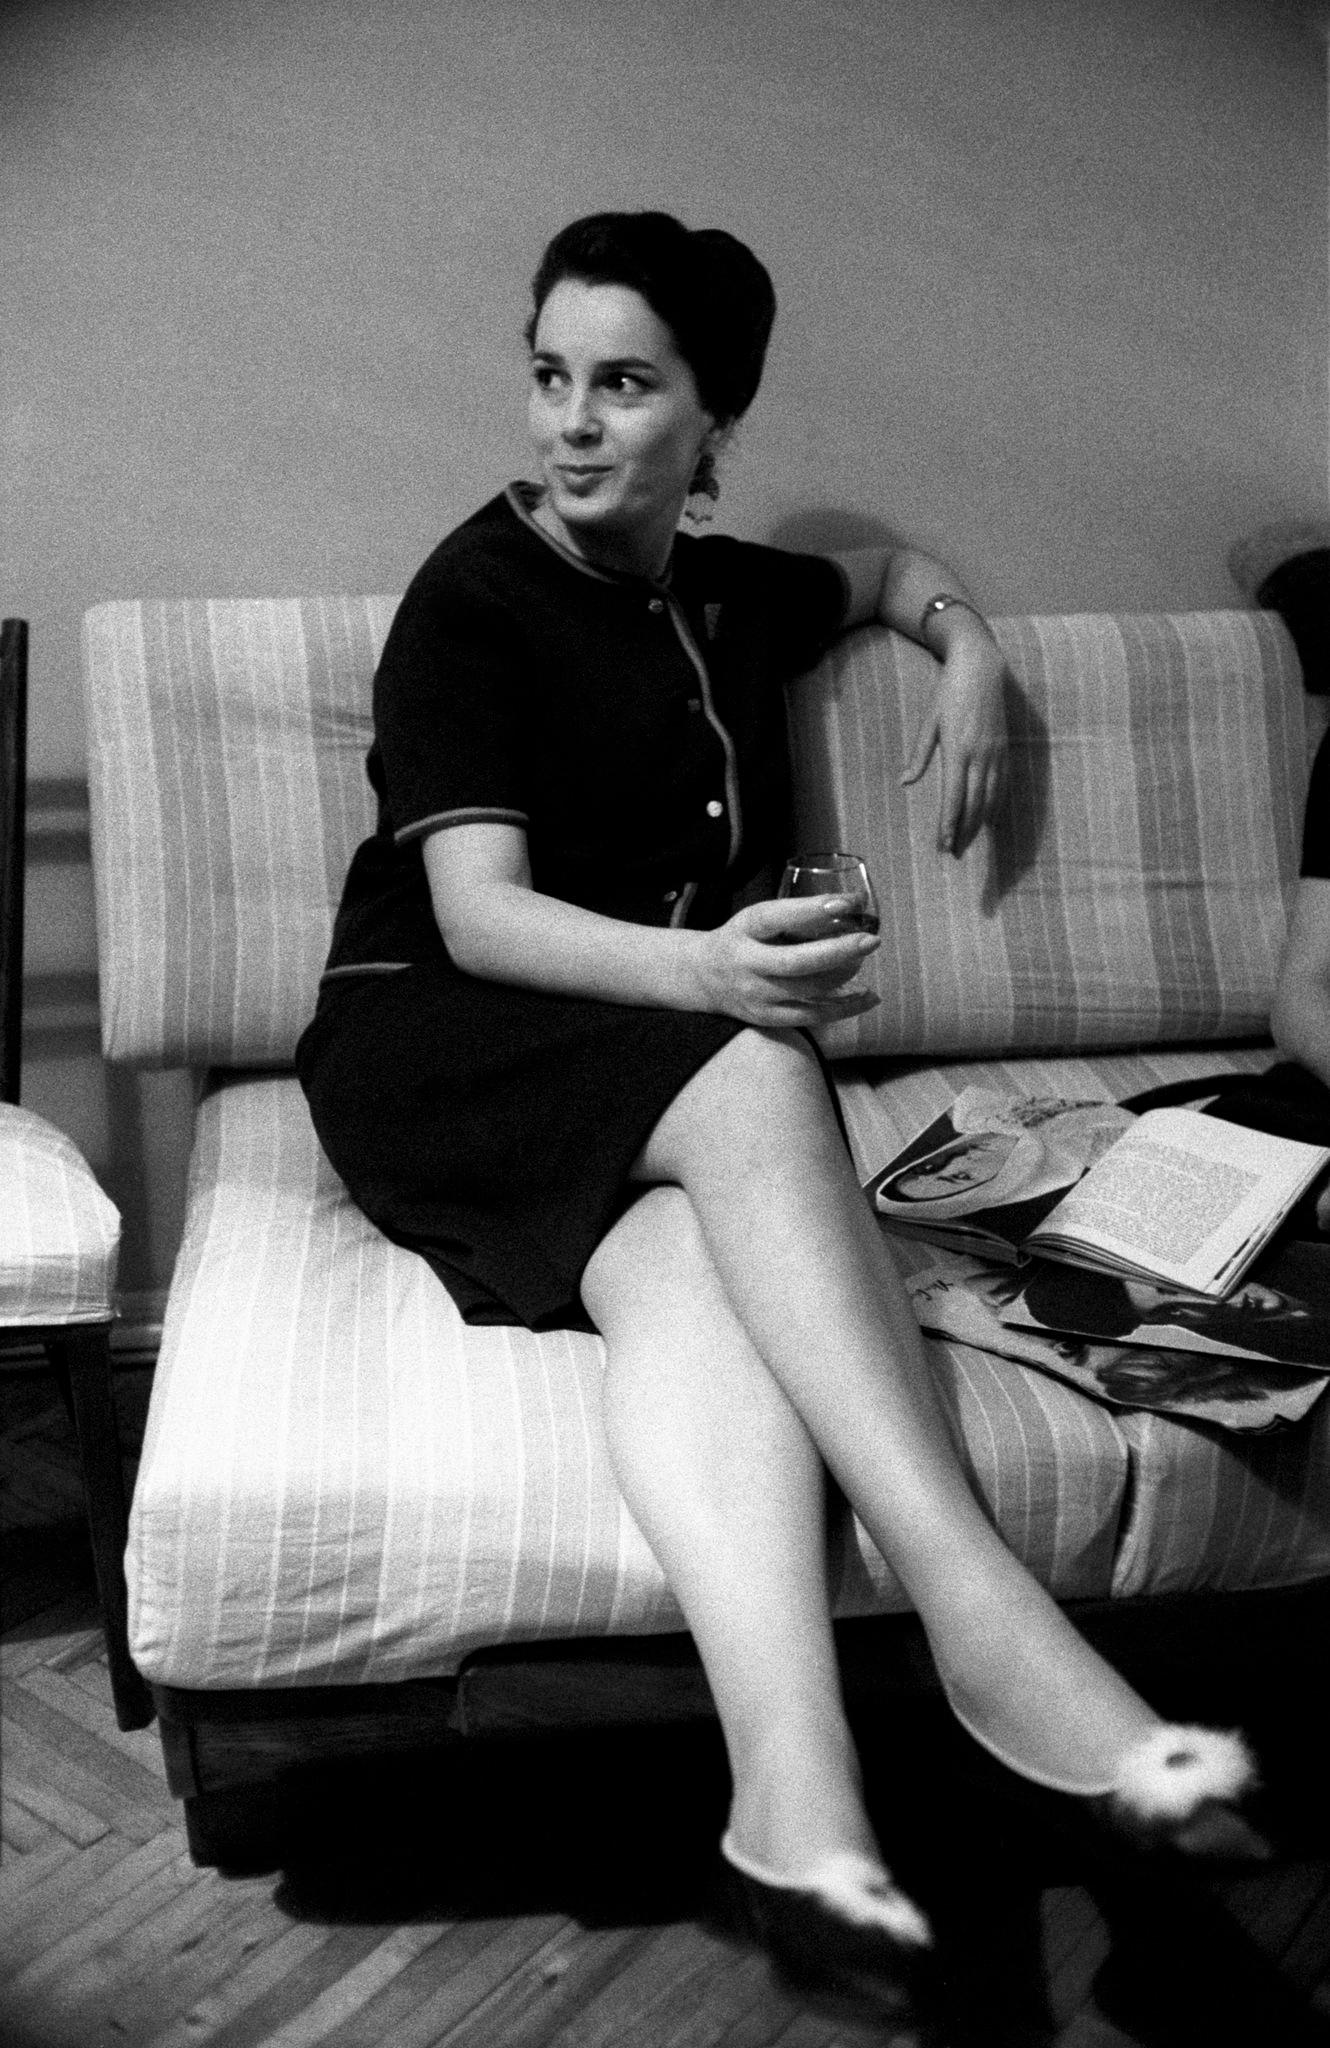 Элина Быстрицкая на диване с бокалом в руке